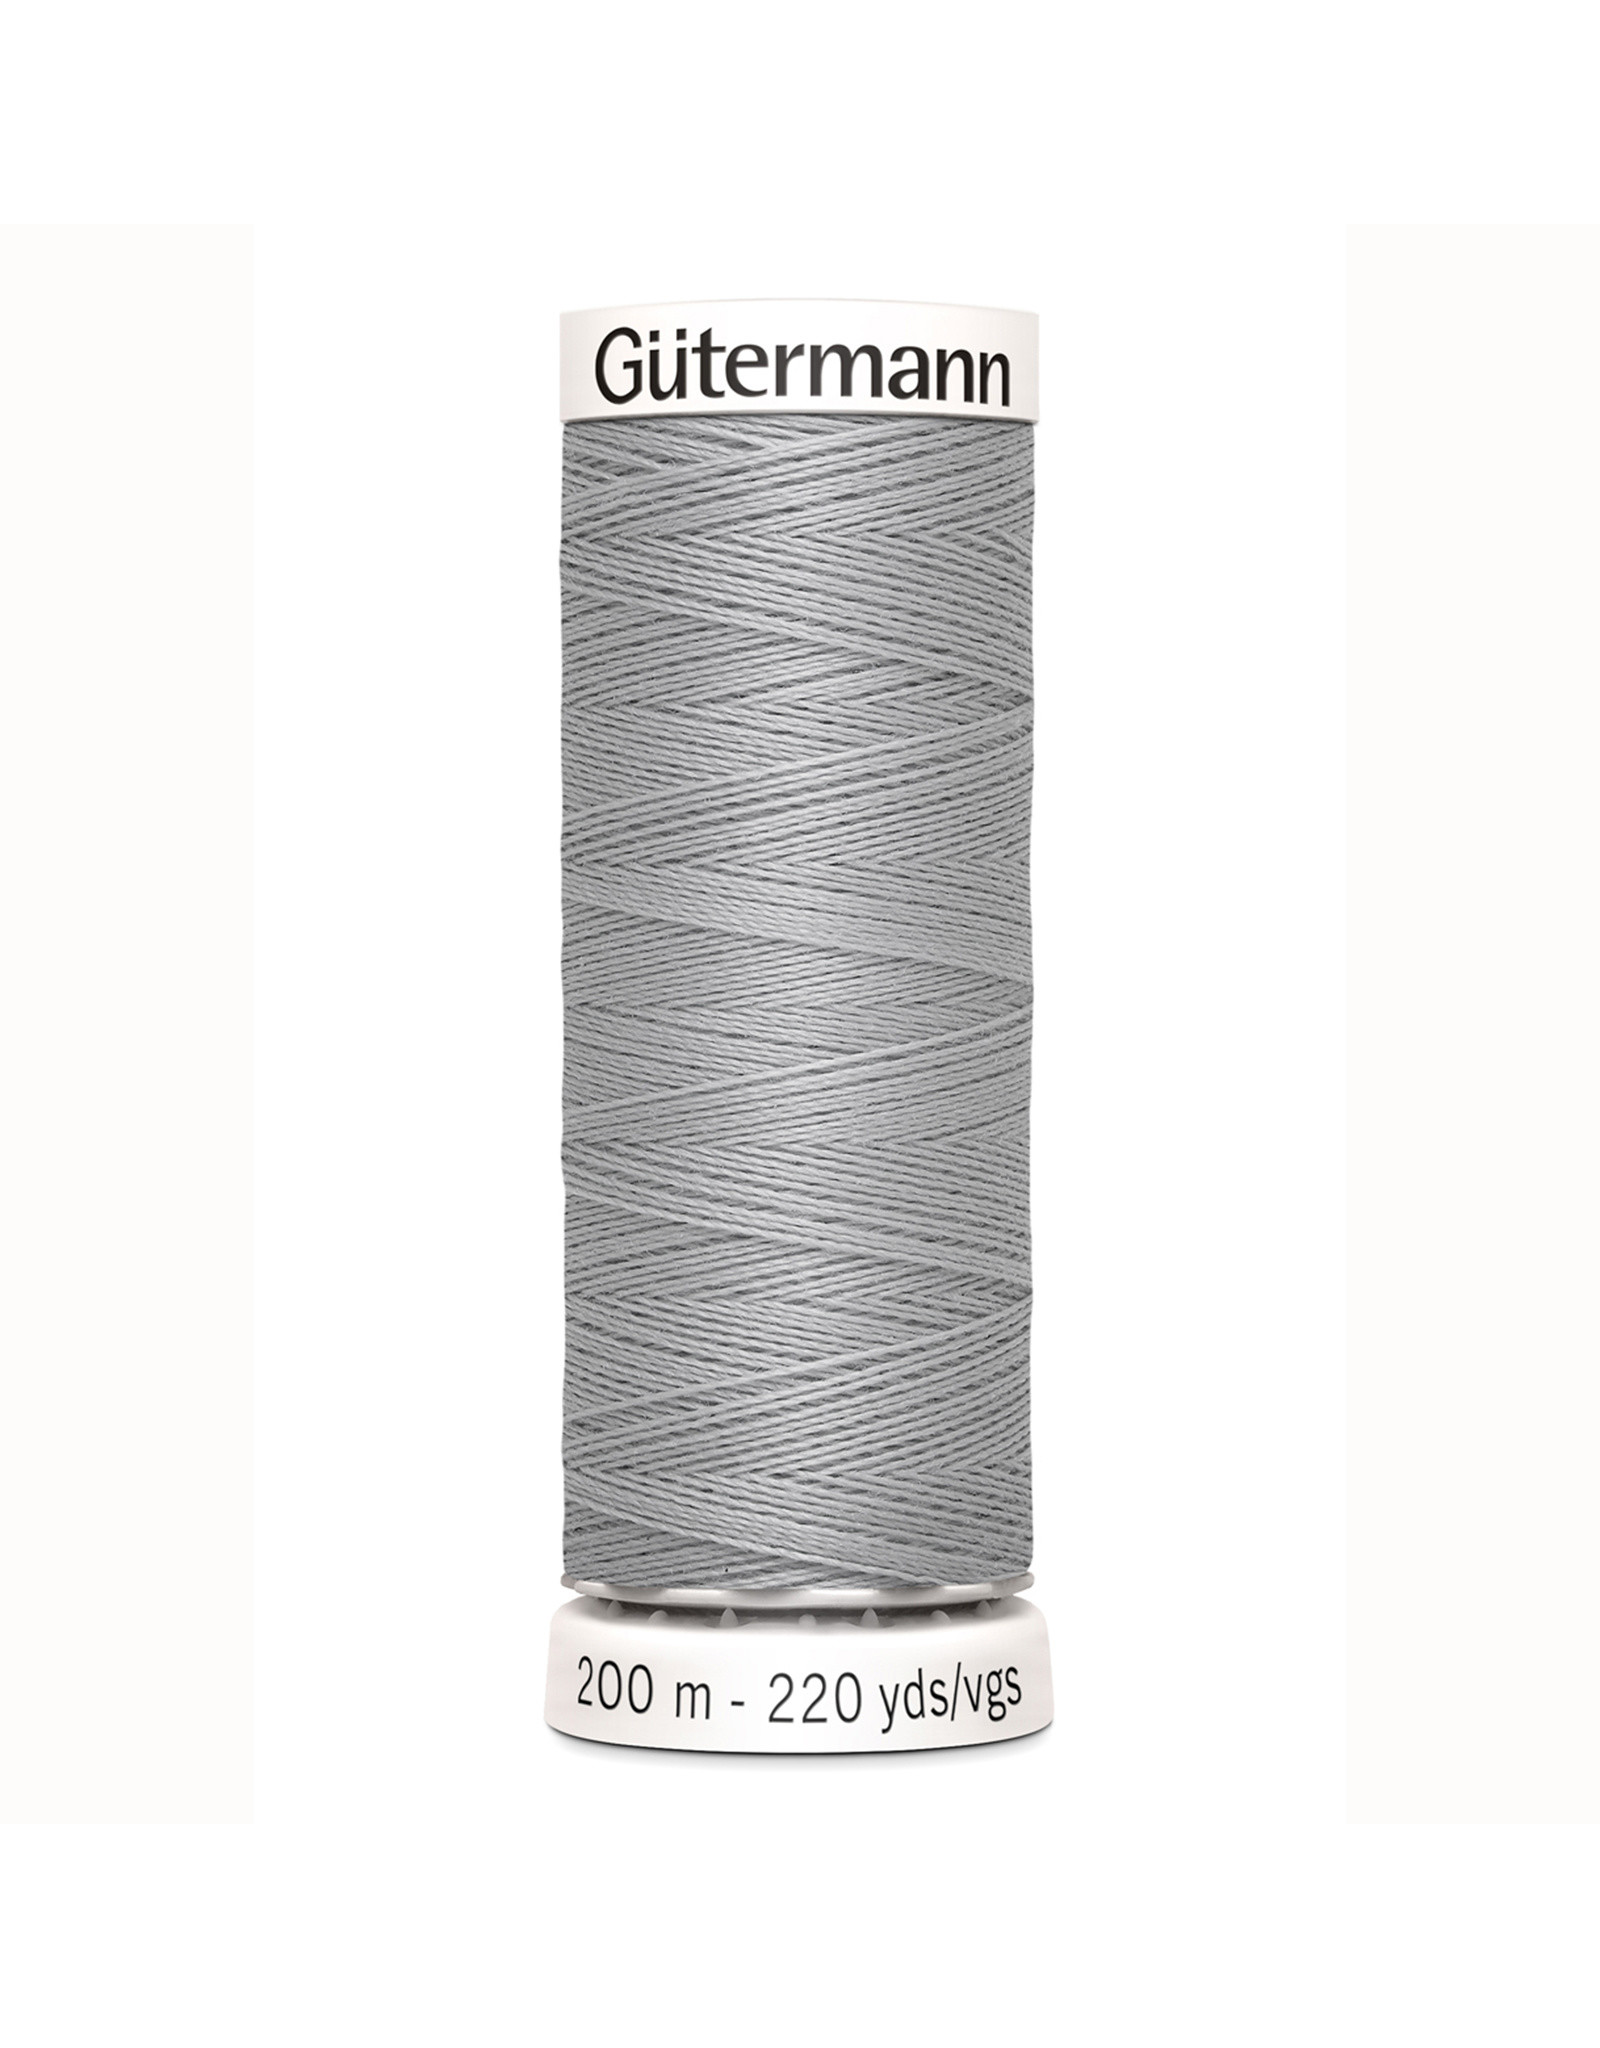 Gütermann Gütermann Sewing Thread 200 m - nr 38